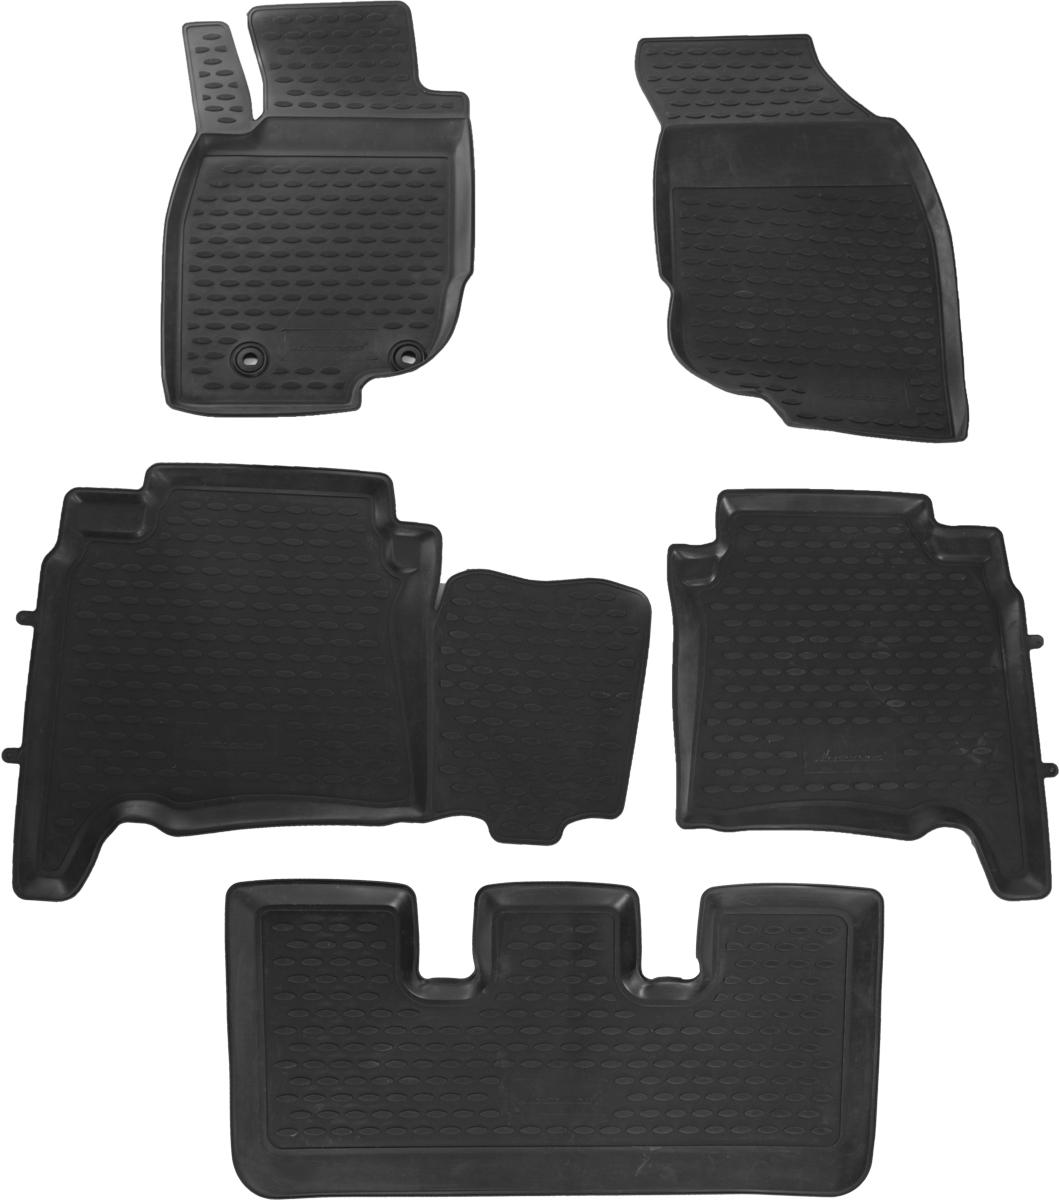 Набор автомобильных ковриков Novline-Autofamily для Toyota Fortuner 01/2013-, левый руль, в салон, 5 штCARSZK00009Набор автомобильных ковриков Novline-Autofamily, изготовленный из полиуретана, состоит из 5 ковриков, которые учитывают все особенности каждой модели автомобиля и полностью повторяют контуры пола. Полиуретановые автомобильные коврики для салона произведены из высококачественного материала, который держит форму, прочный и не пачкает обувь. Коврики в салон не только улучшат внешний вид салона вашего автомобиля, но и надежно уберегут его от пыли, грязи и сырости, а значит, защитят кузов от коррозии. Полиуретановые коврики для автомобиля гладкие, приятные и не пропускают влагу. Ковры для автомобилей надежно крепятся на полу и не скользят, что очень важно во время движения. Чистятся коврики очень просто: как при помощи автомобильного пылесоса, так и различными моющими средствами. Набор подходит для Toyota Fortuner с января 2013 года выпуска.